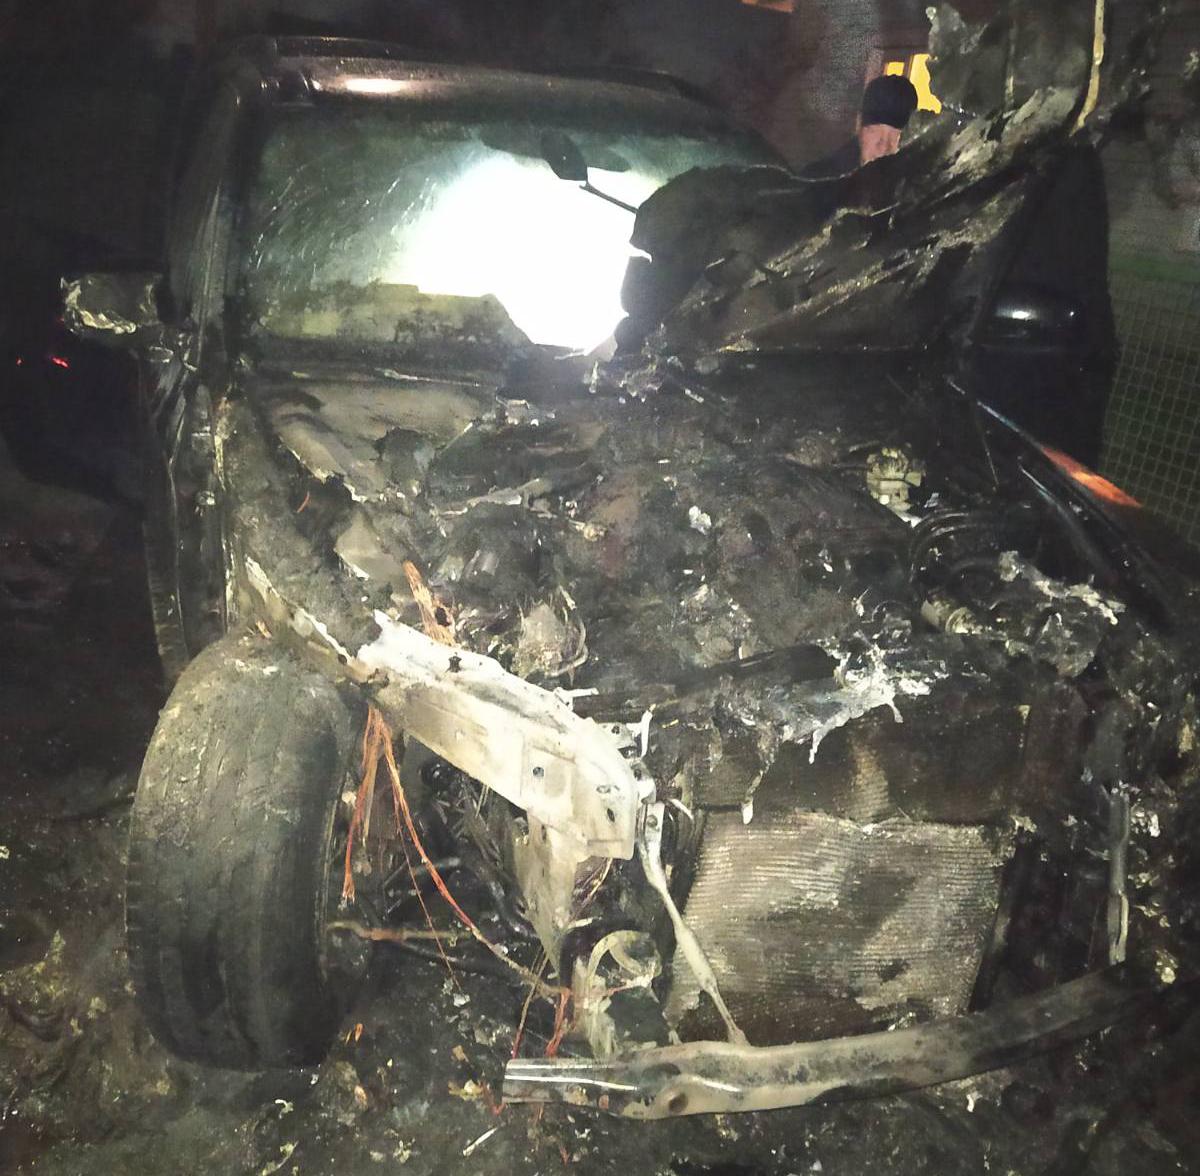 На Згурівщині вщент згорів BMW X5 -  - yzobrazhenye viber 2020 04 07 08 08 51